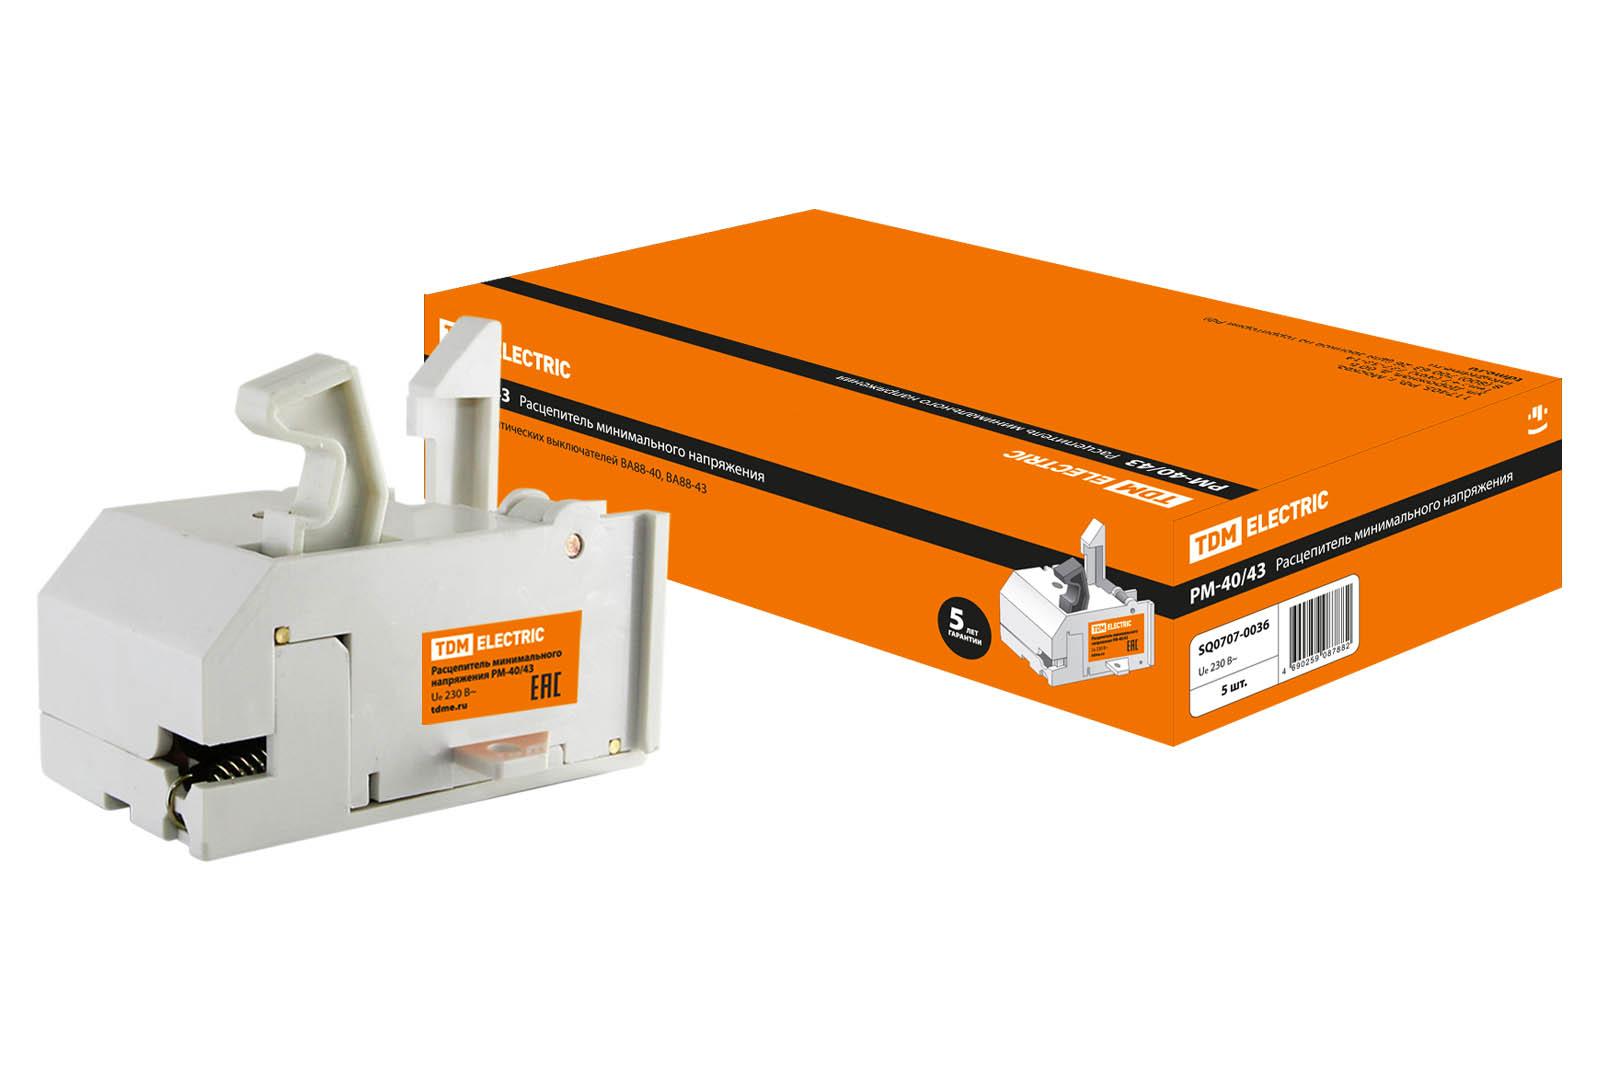 Расцепитель минимального напряжения РМ-800/1600 (РМ-40/43) TDM SQ0707-0036 TDM Electric